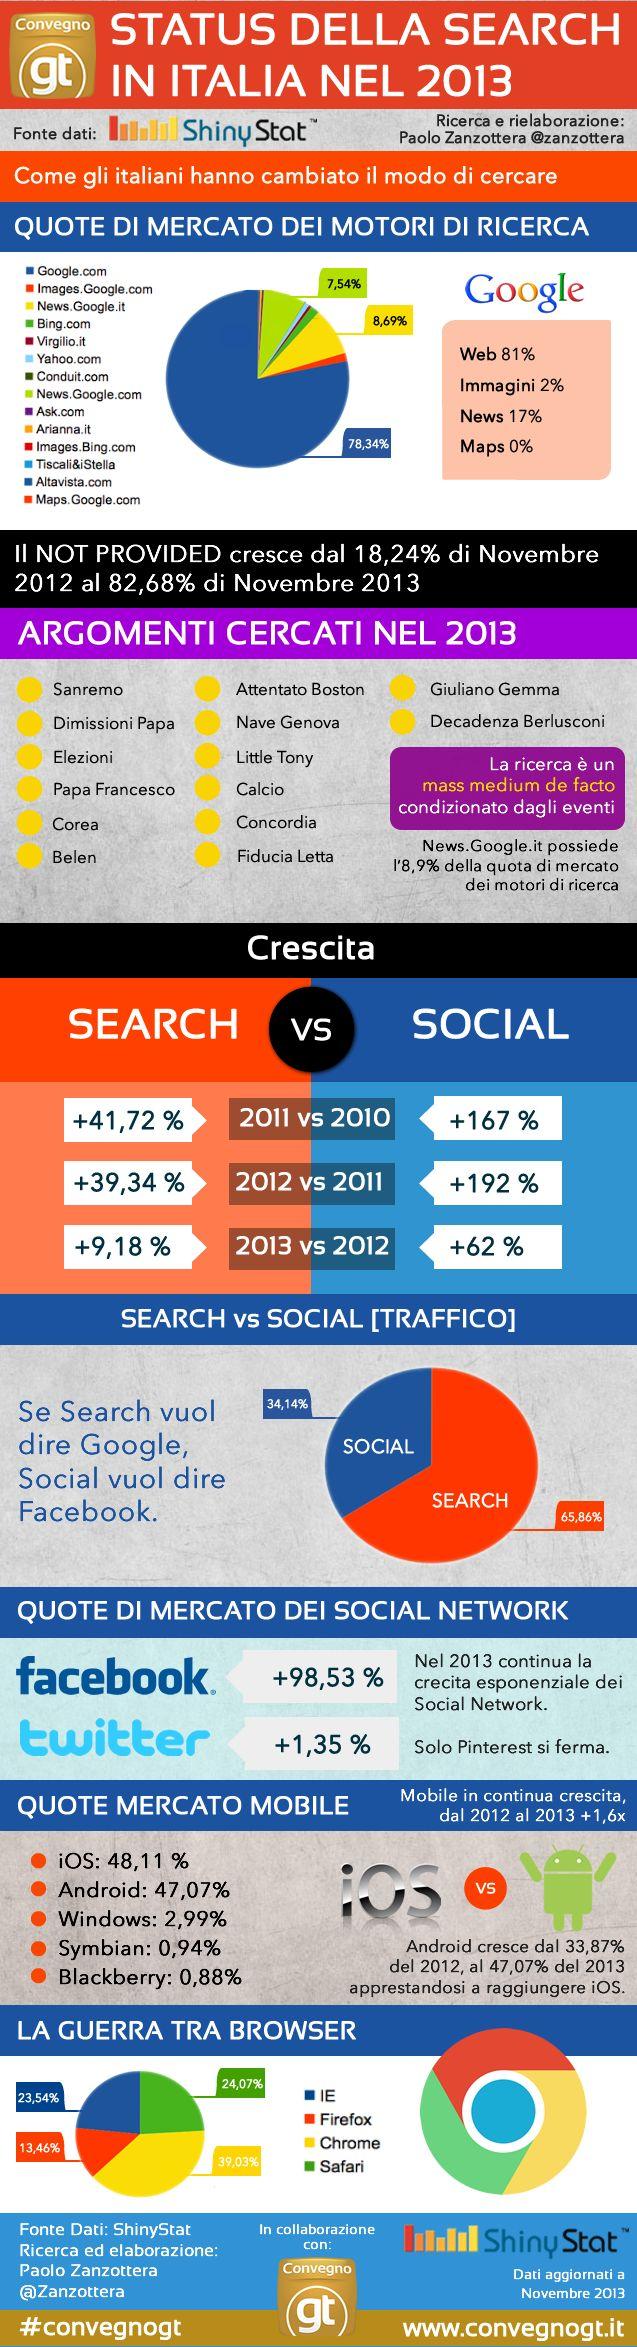 Il Search Marketing in Italia nel 2013.  I dati sono elaborati da Paolo Zanzottera di ShinyStat, in collaborazione con l'8° Convegno Nazionale sul Search Marketing. #Search #SEO #SSO